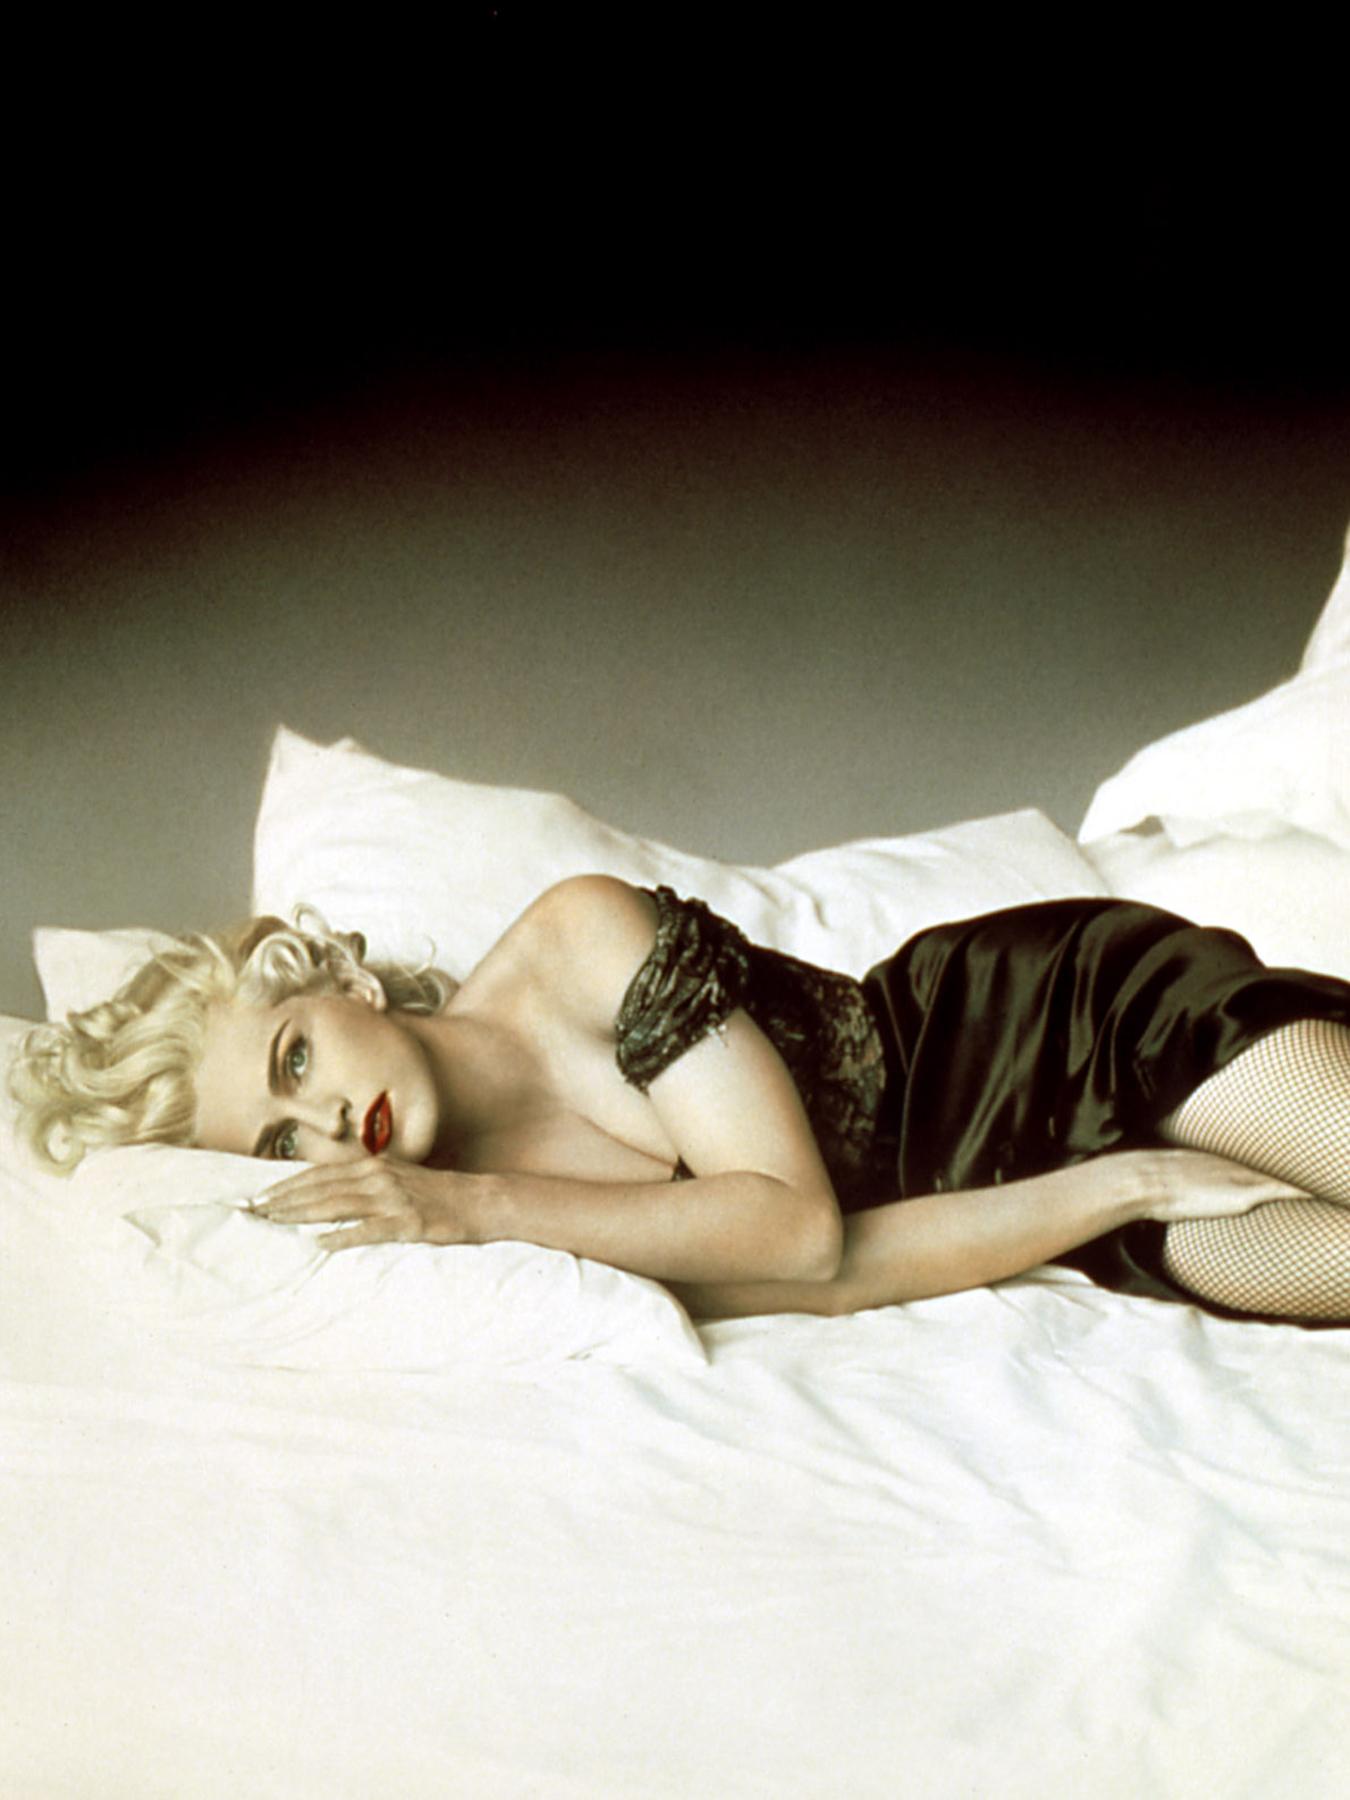 TRUTH OR DARE, Madonna, 1991